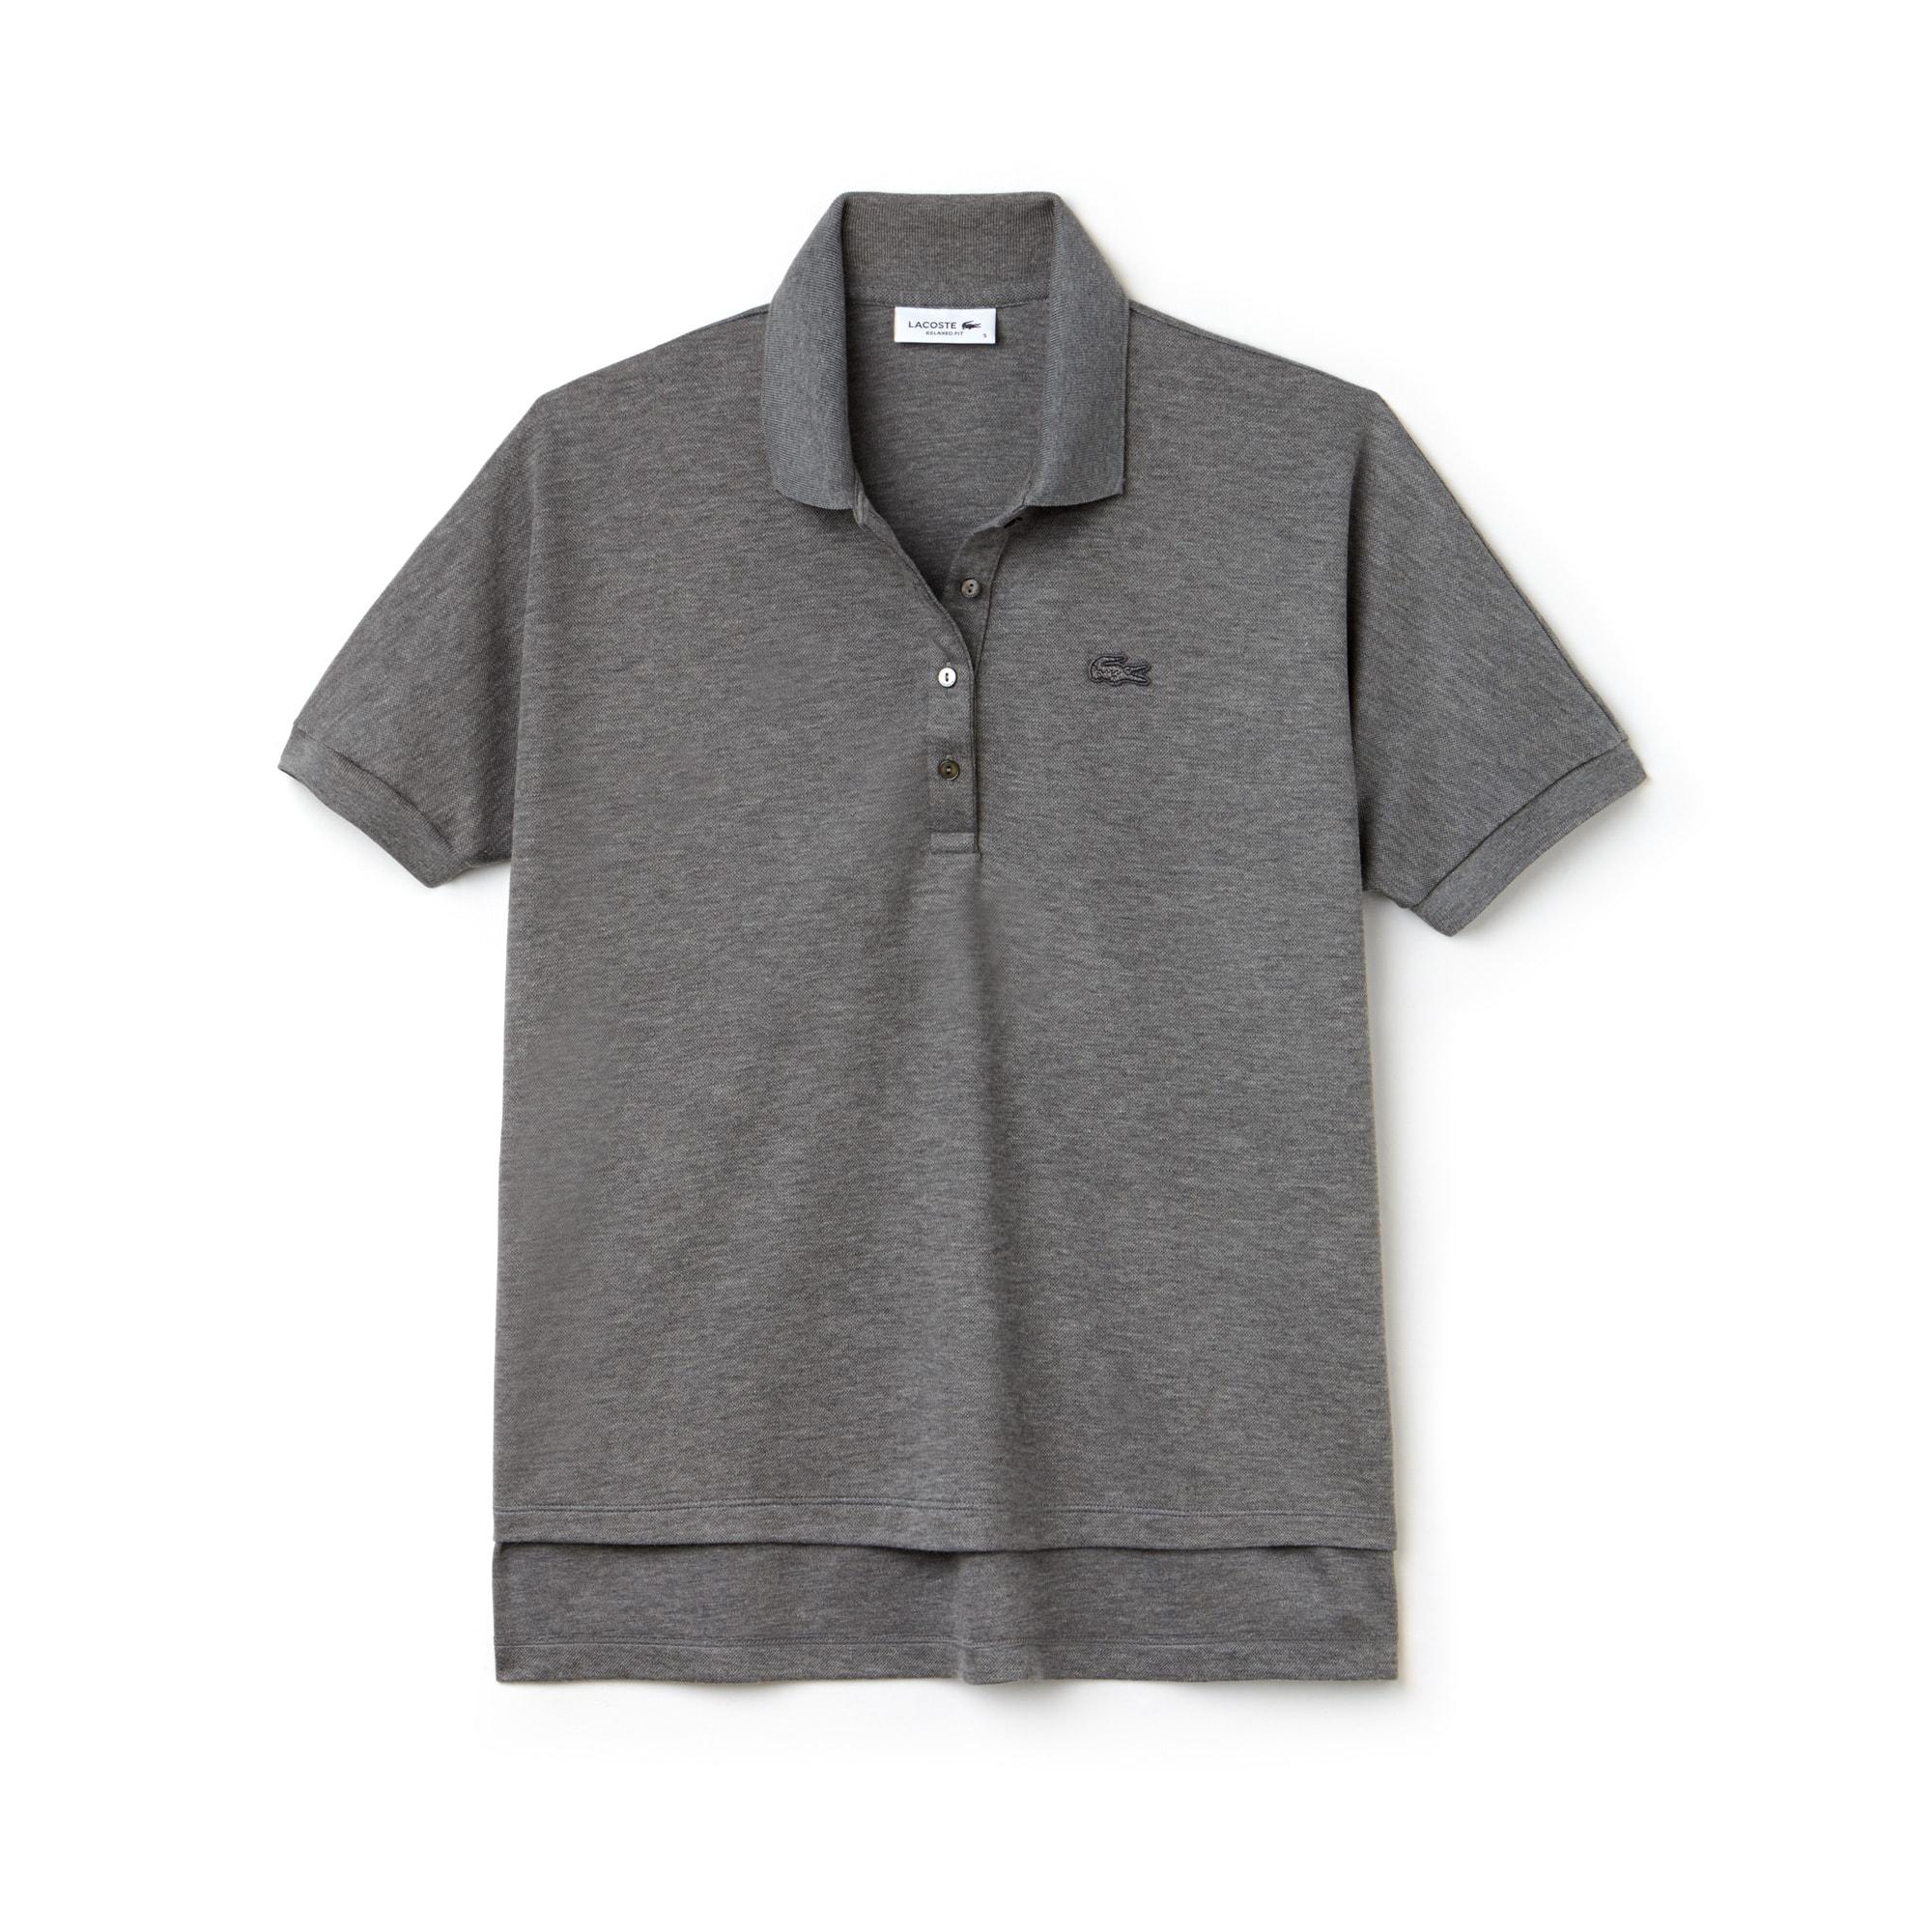 Damen LACOSTE Relax Fit Poloshirt aus Baumwoll-Piqué mit Stretch